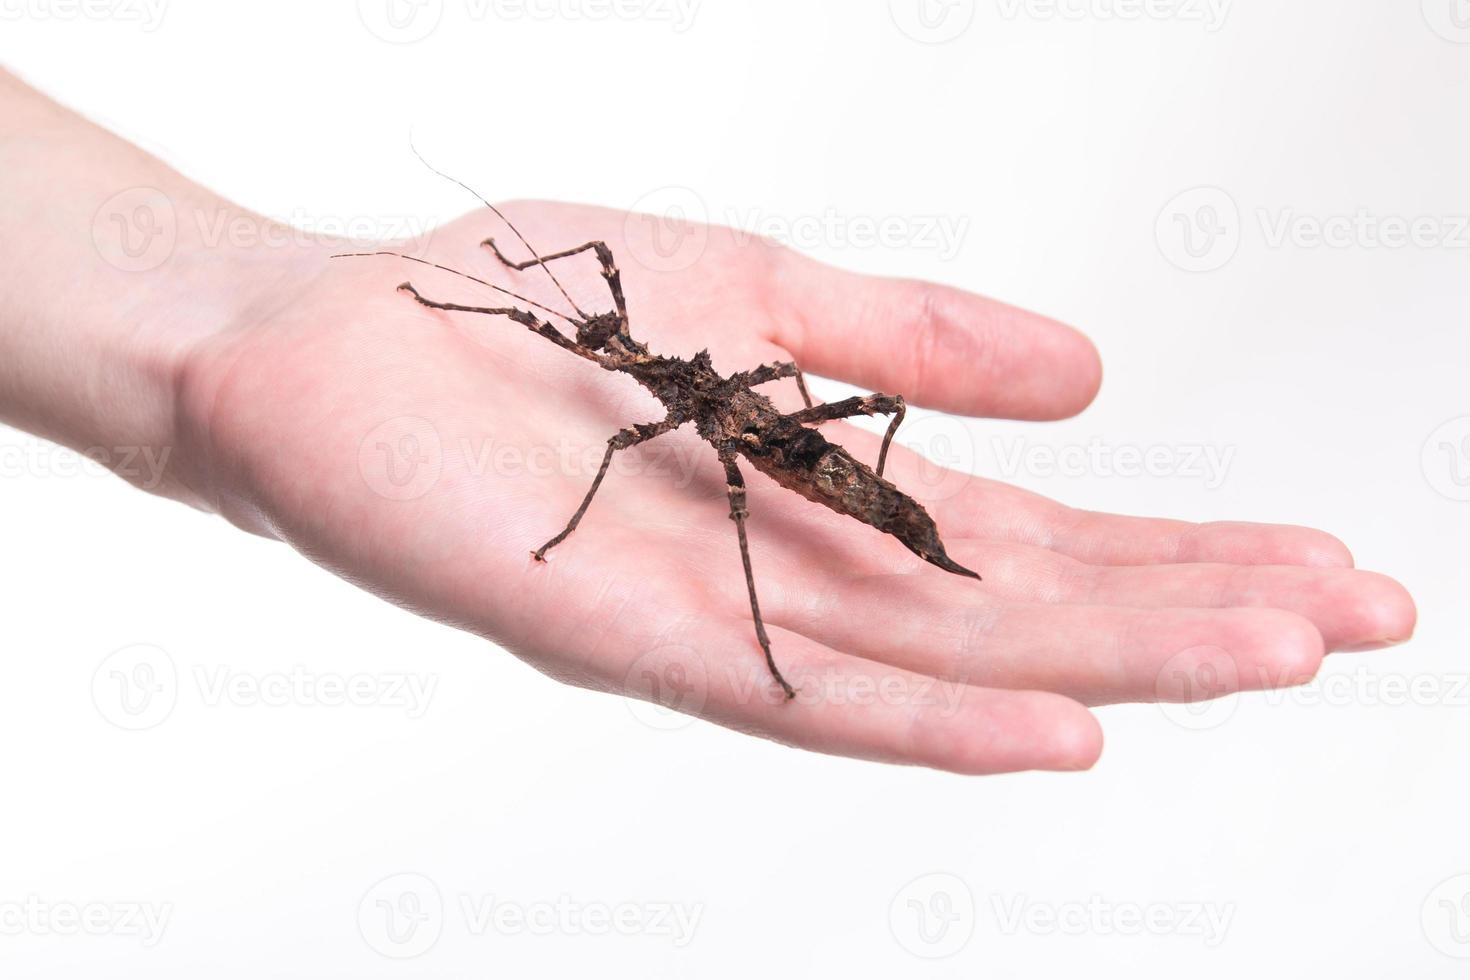 phasmatodea - insetto stecco sulla mano umana foto